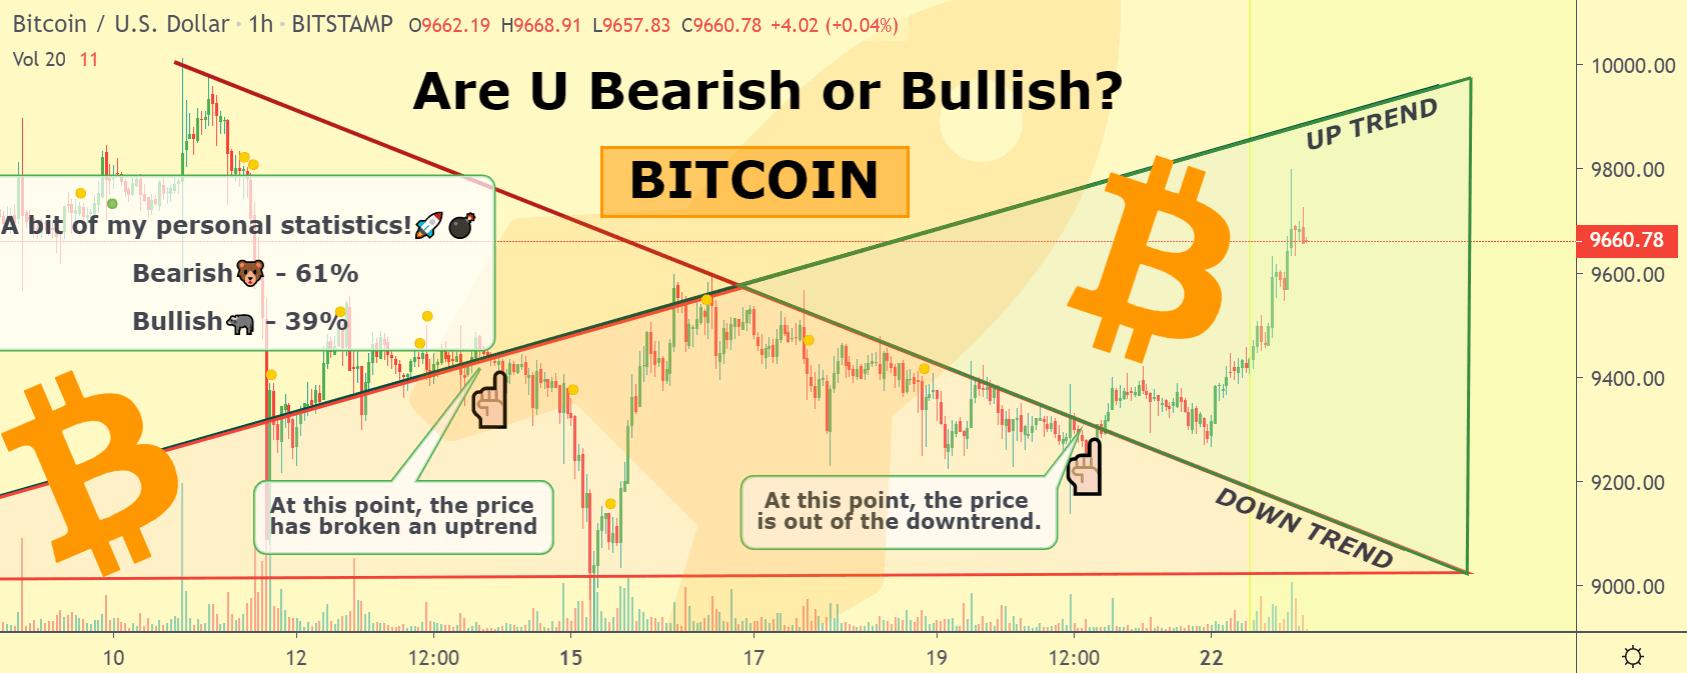 Bitcoin price chart 3 - 22 June